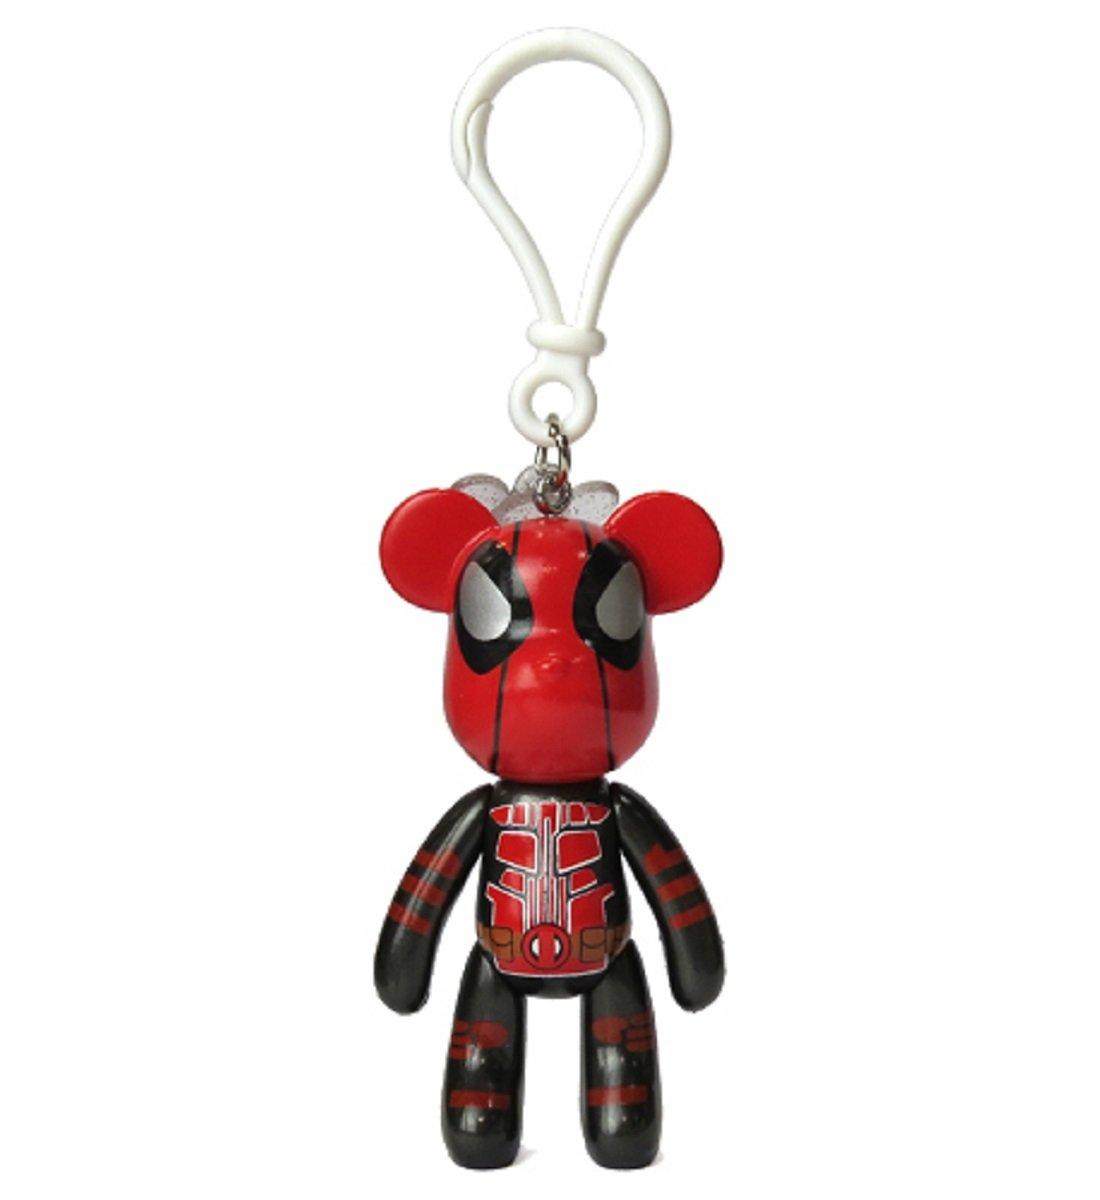 POPOBE Osos Deadpool Figura Llavero: Amazon.es: Juguetes y ...